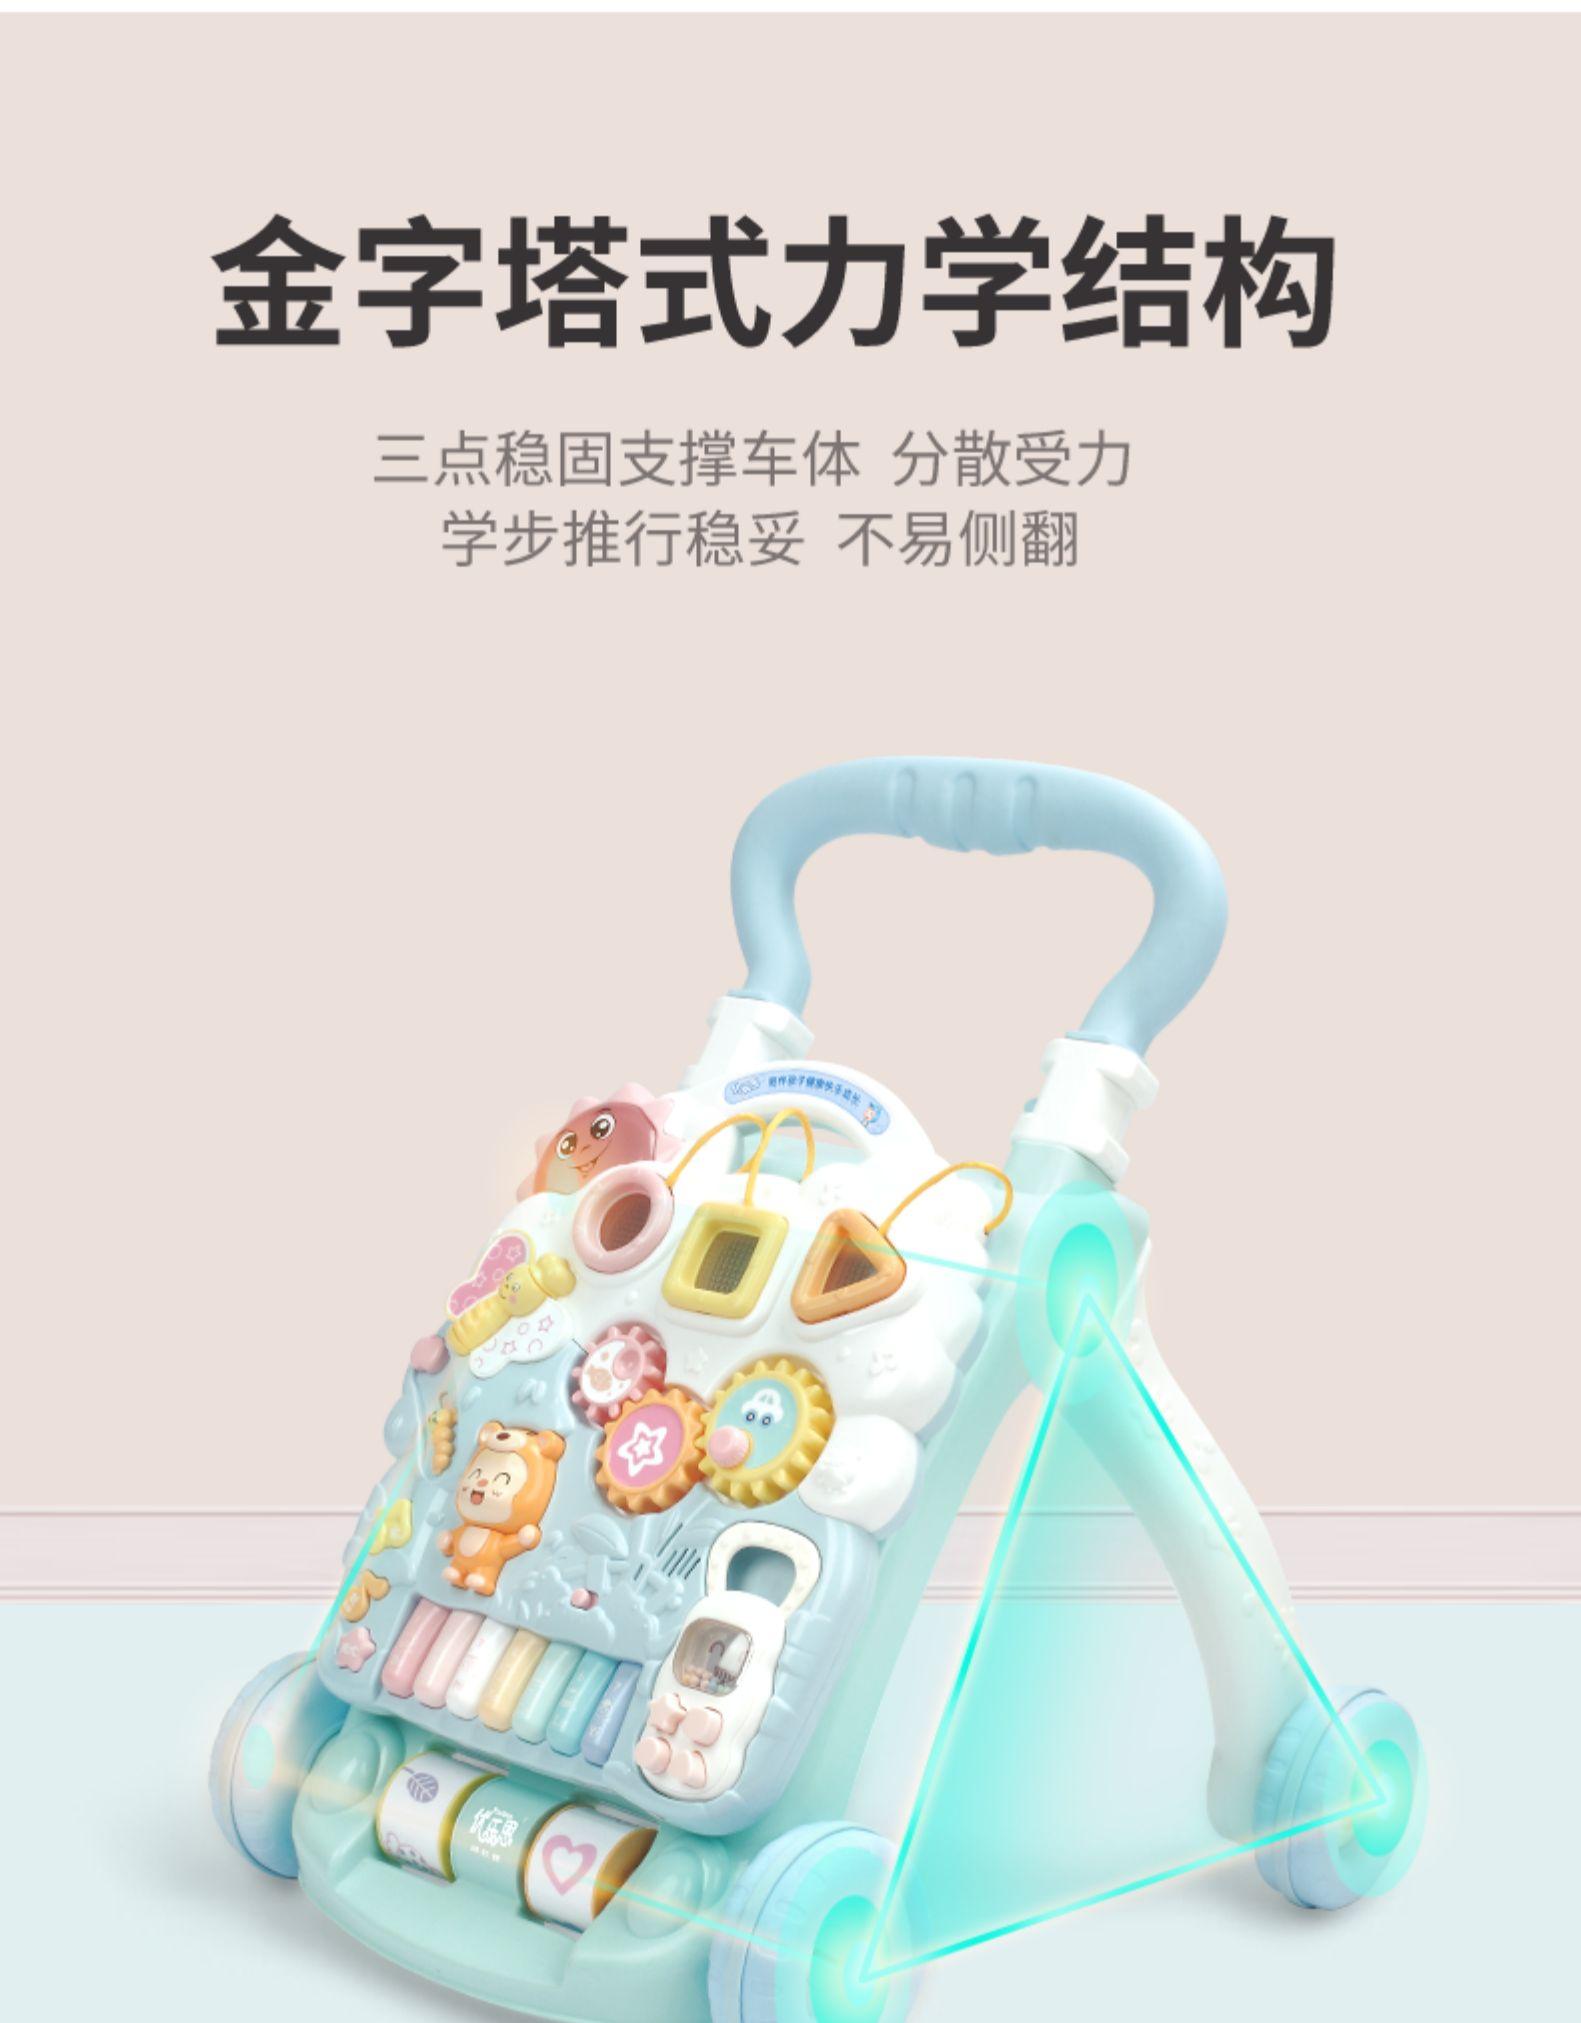 优乐恩宝宝婴儿多功能防侧翻型腿手推车学步车岁儿童助步车玩具详细照片